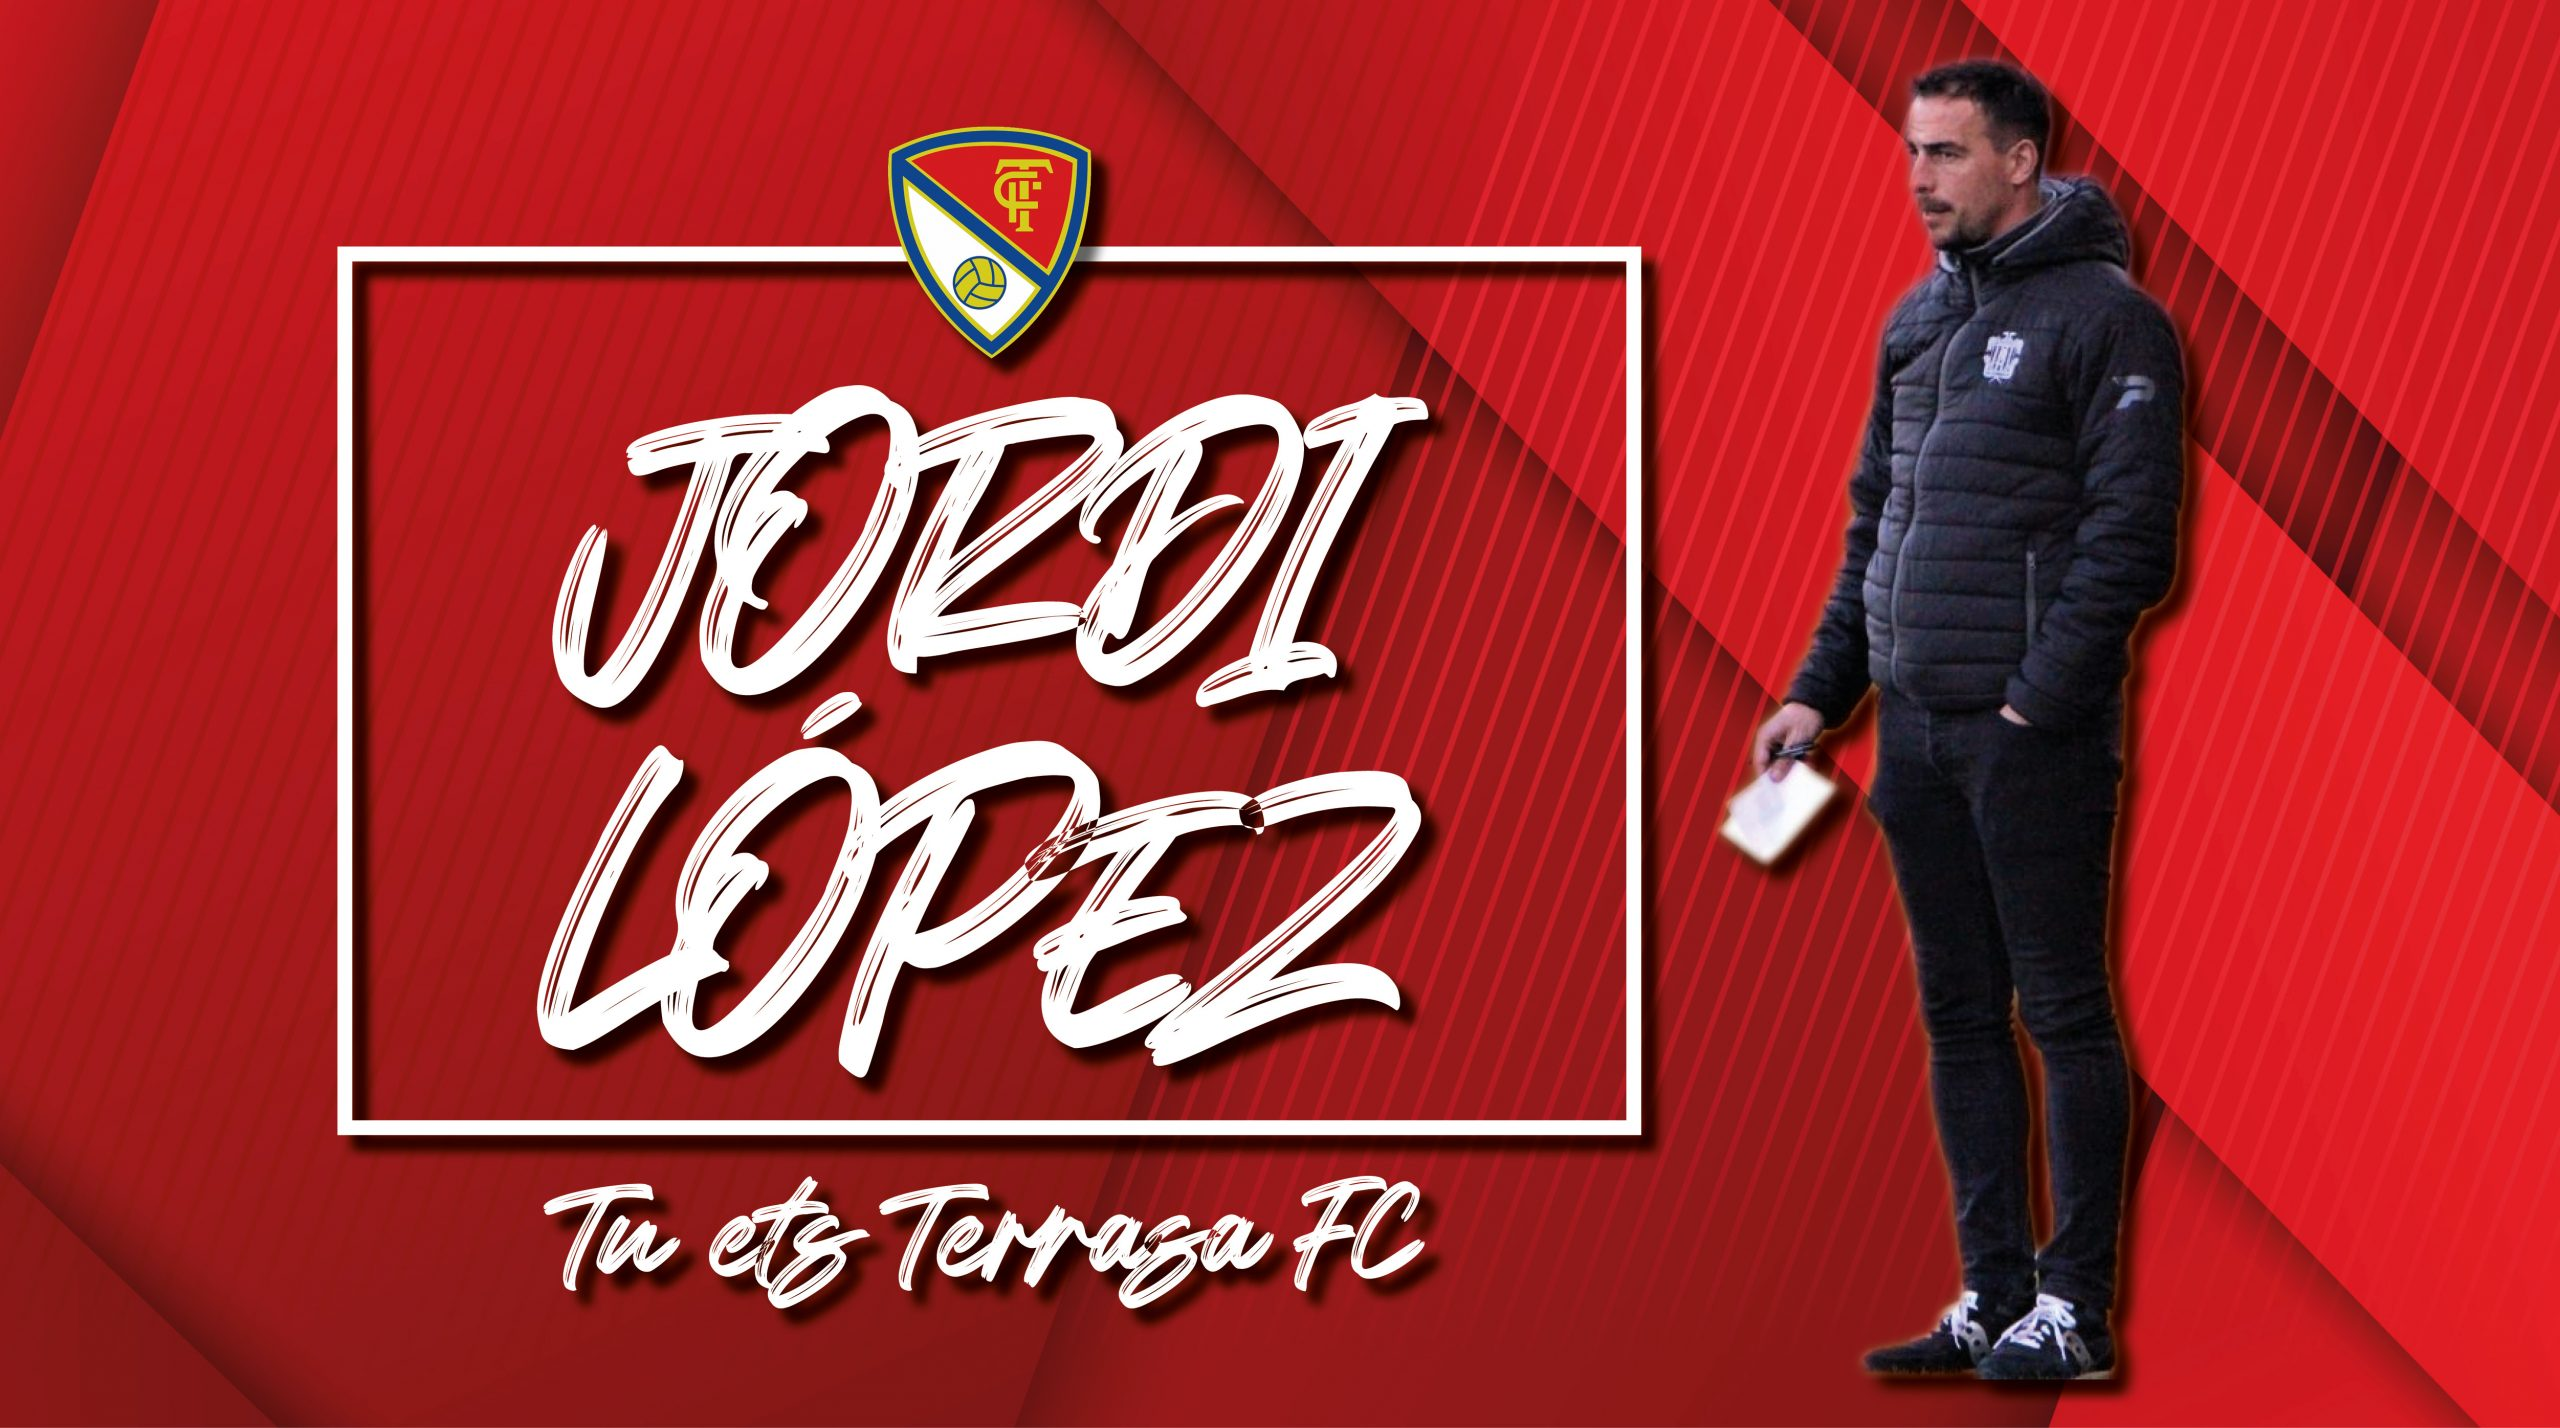 Jordi López, nou entrrenador del Terrassa FC